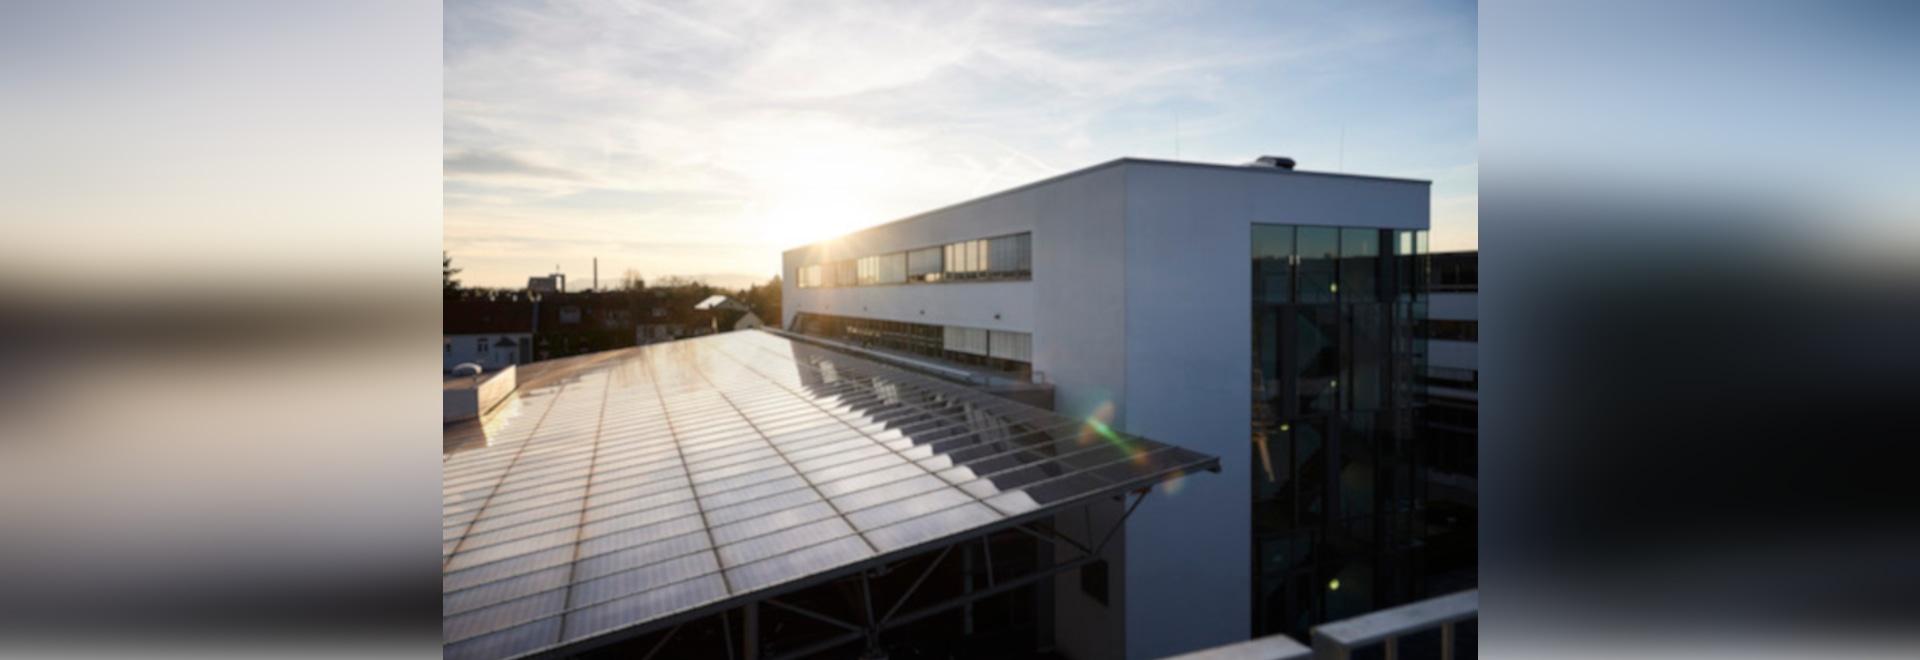 Foto: Wilkhahn, cortesía del fabricante solar SMA